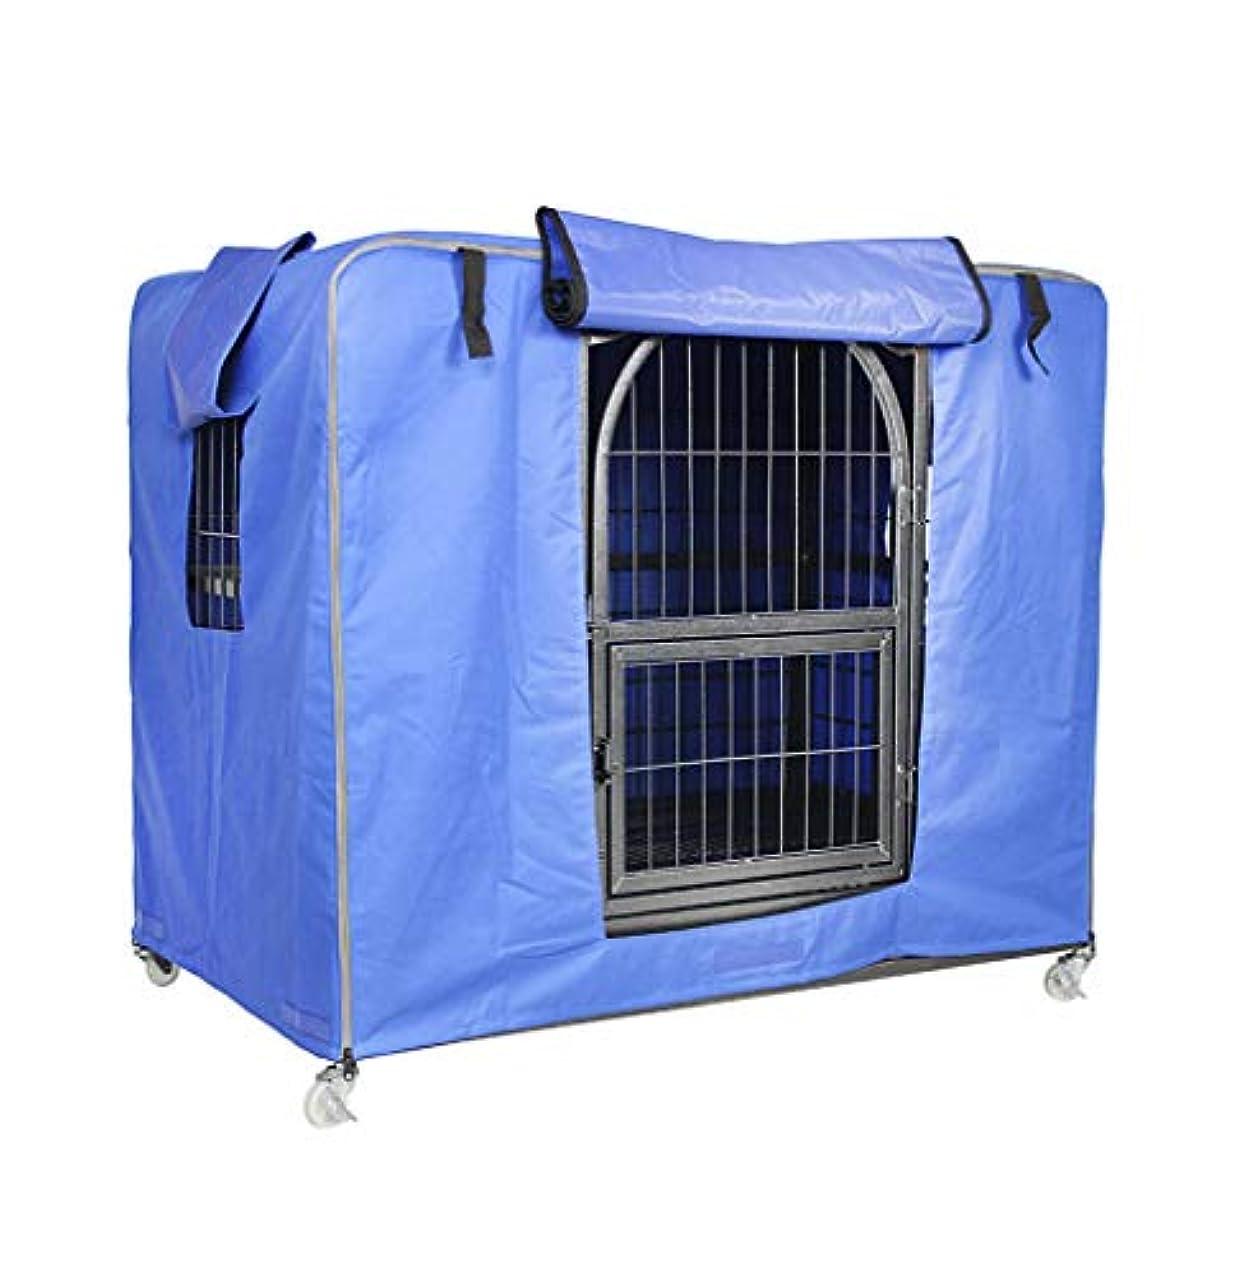 比べるぴかぴか強度Jia He 屋外ダストカバー ダストカバー - ペットケージカバー犬ケージ保護カバー風と雨シェードオックスフォード冬暖かい屋外ペット用品(4色、3サイズ) @@ (色 : A, サイズ さいず : 114 x 76 x 86cm)